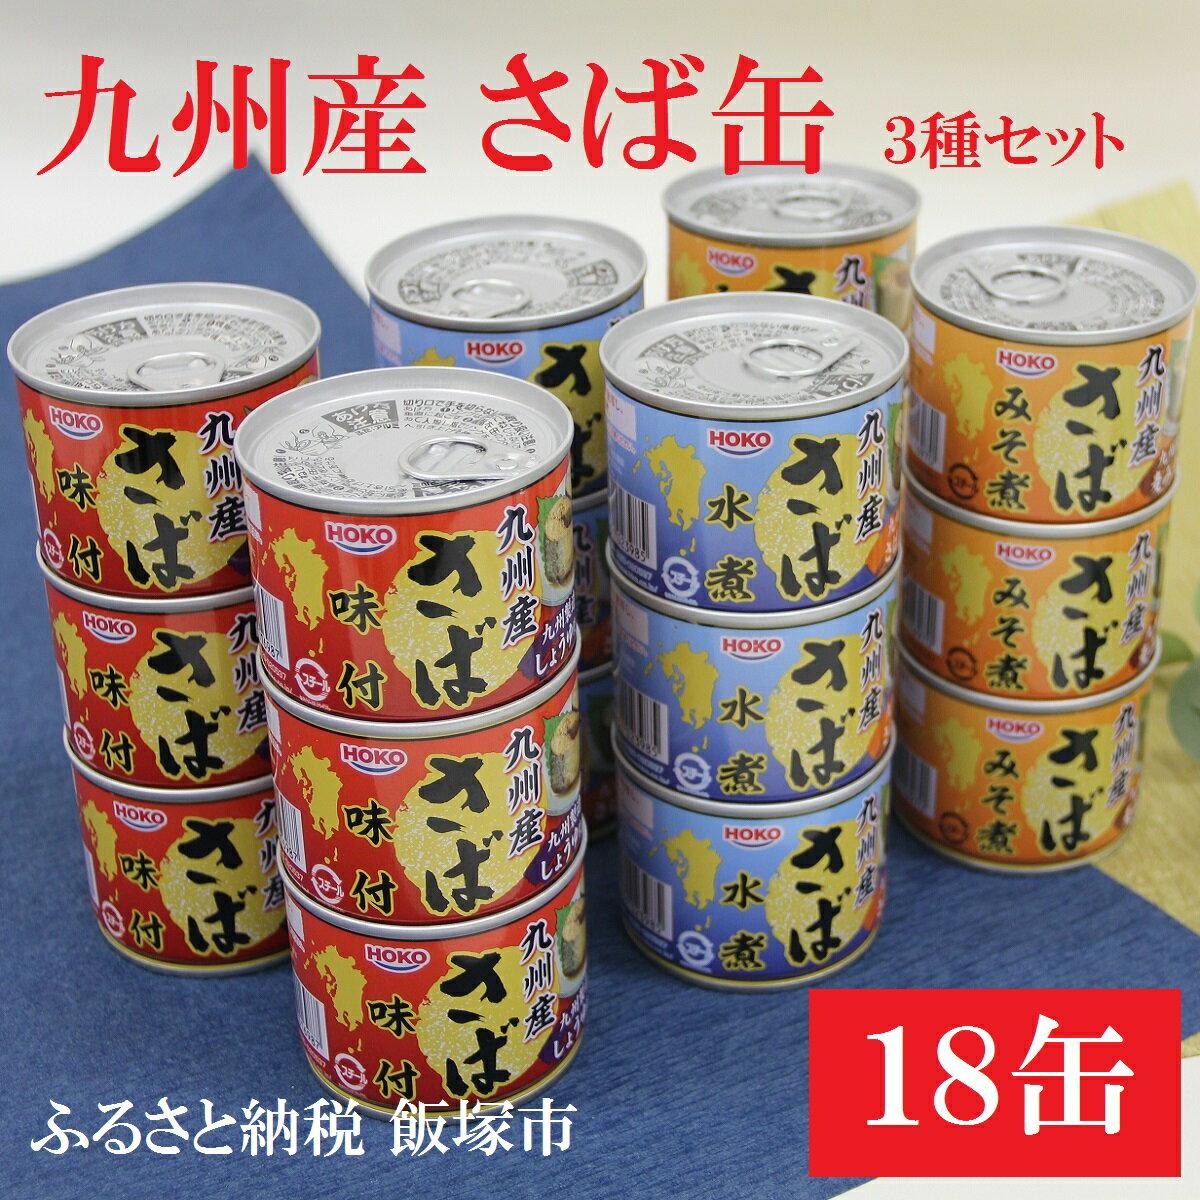 【ふるさと納税】【A-130】九州産 さば缶詰 18缶セット